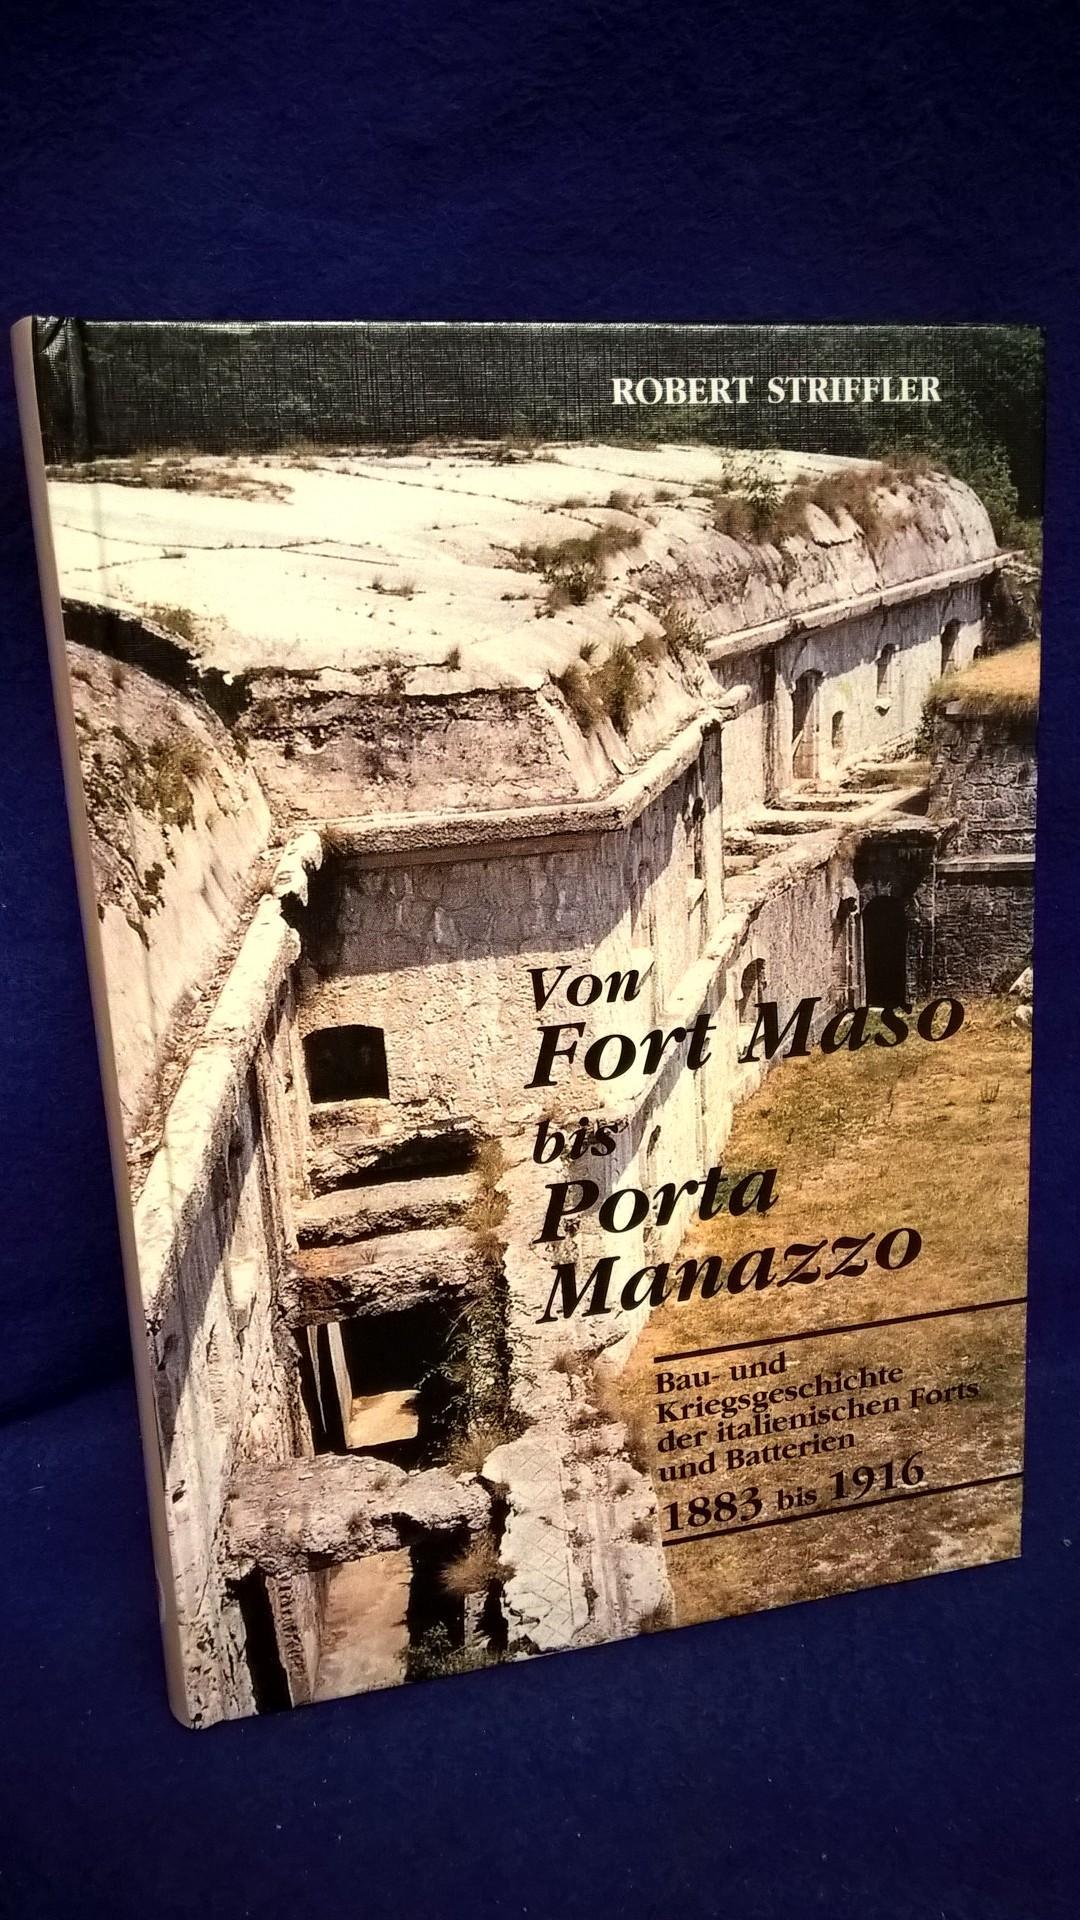 Von Fort Maso bis Porta Manazzo. Bau- und Kriegsgeschichte der italienischen Forts und Batterien 1883-1916.